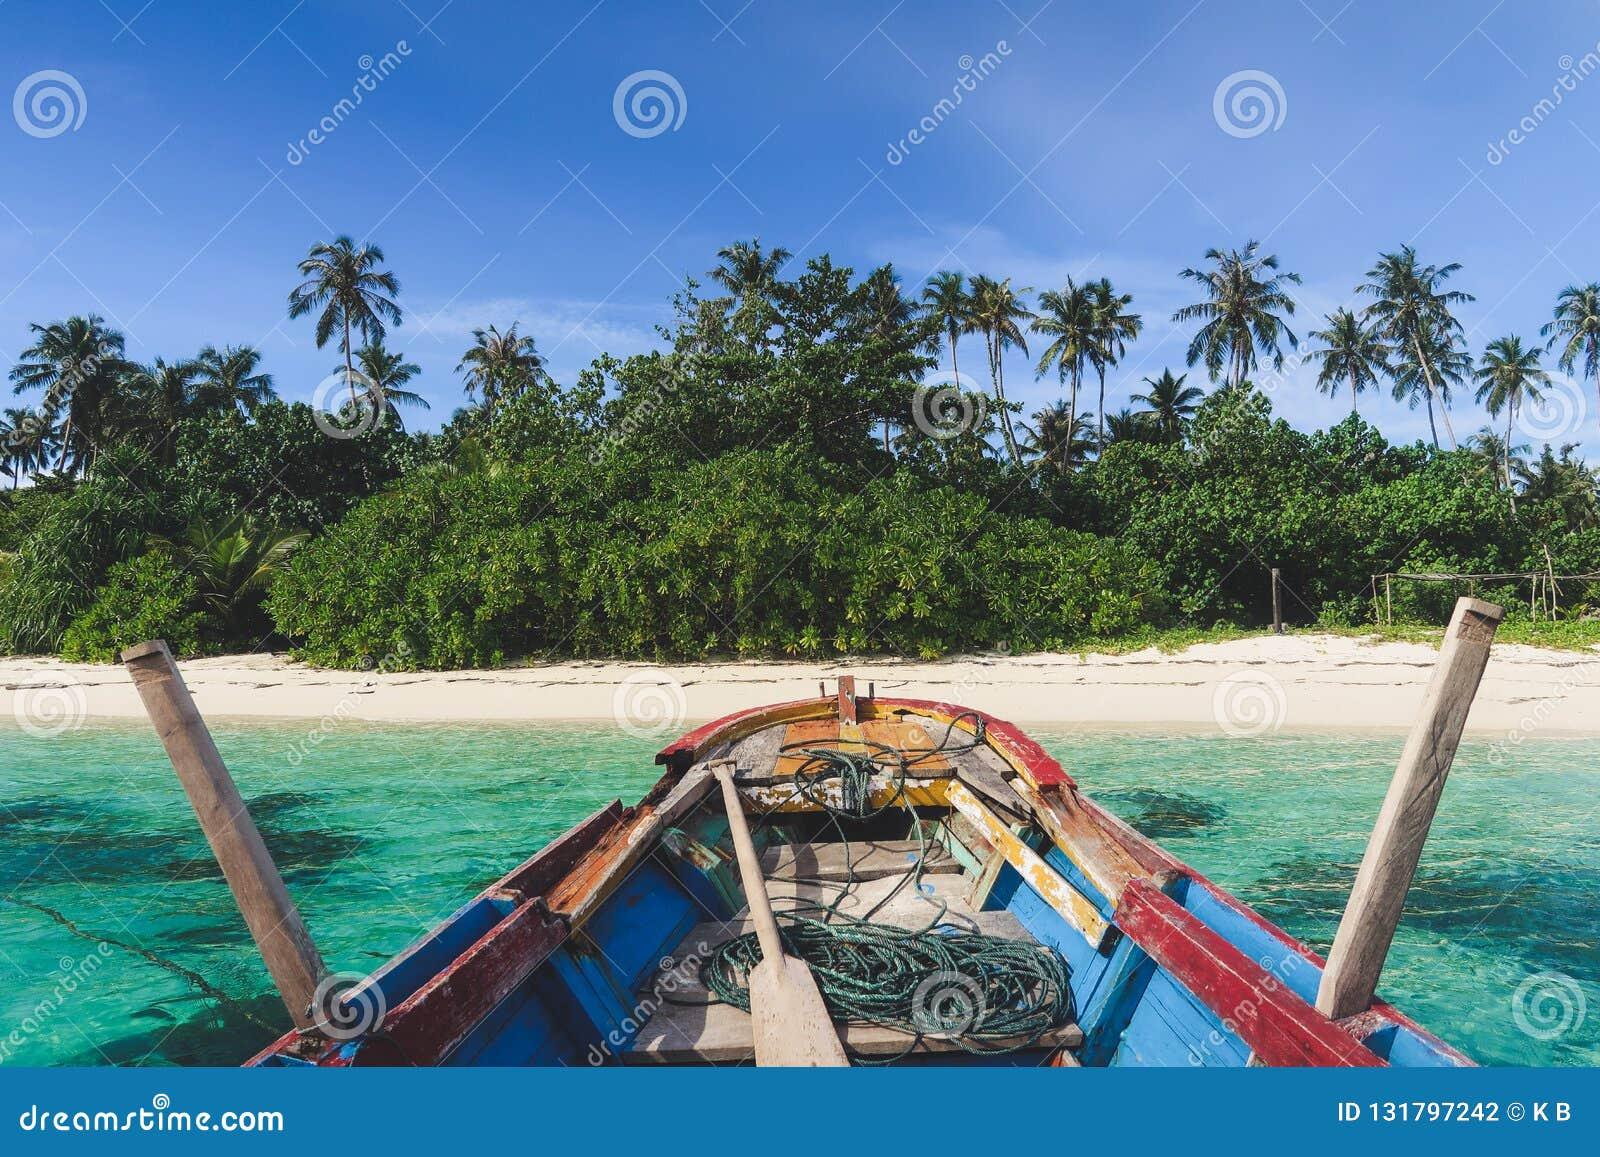 抵达乘一条传统小船对美丽的巴尼亚群岛苏门答腊,印度尼西亚